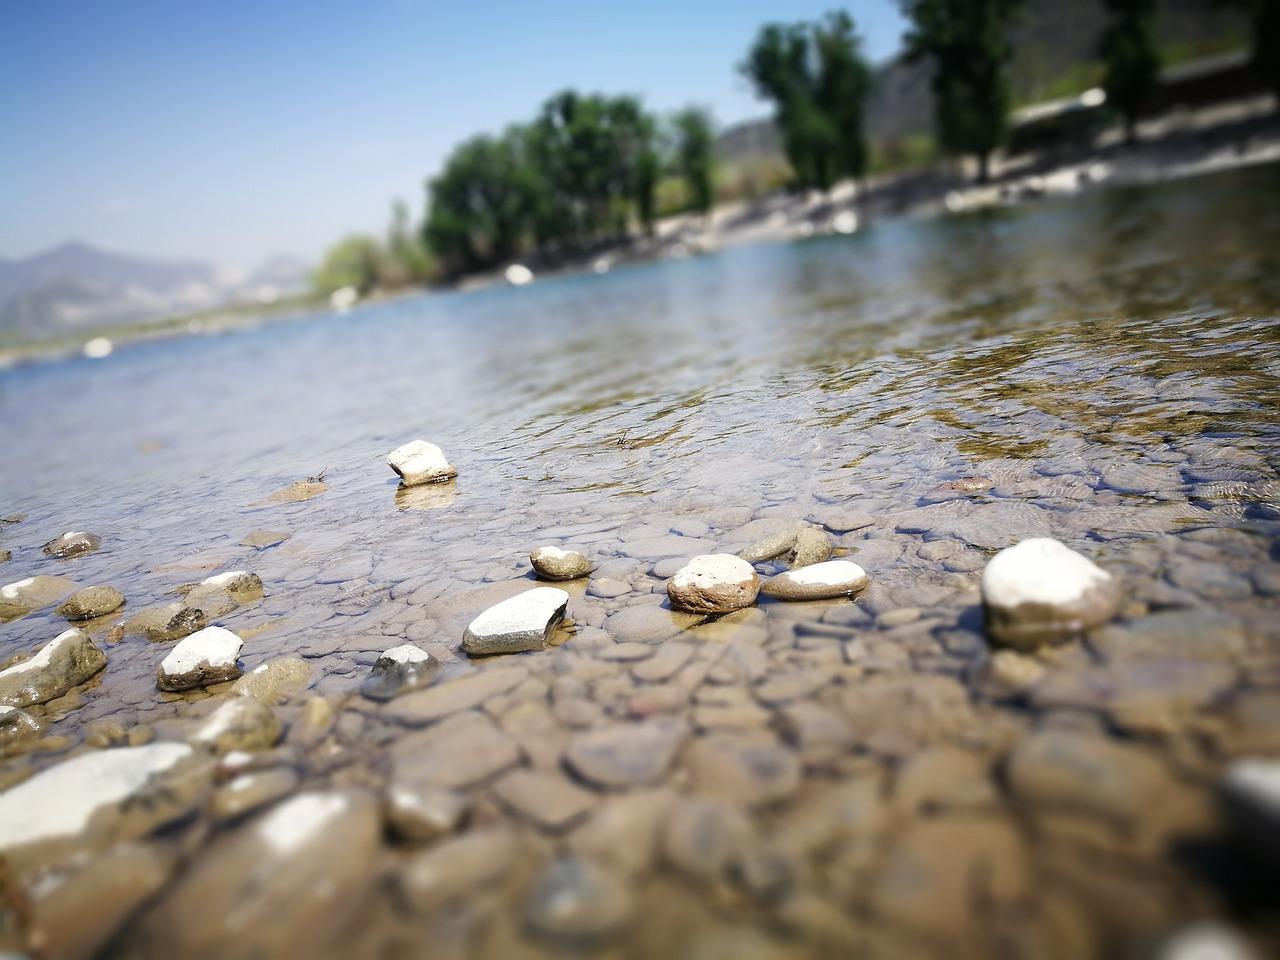 фото белых камней у воды инструкции рисунками очень